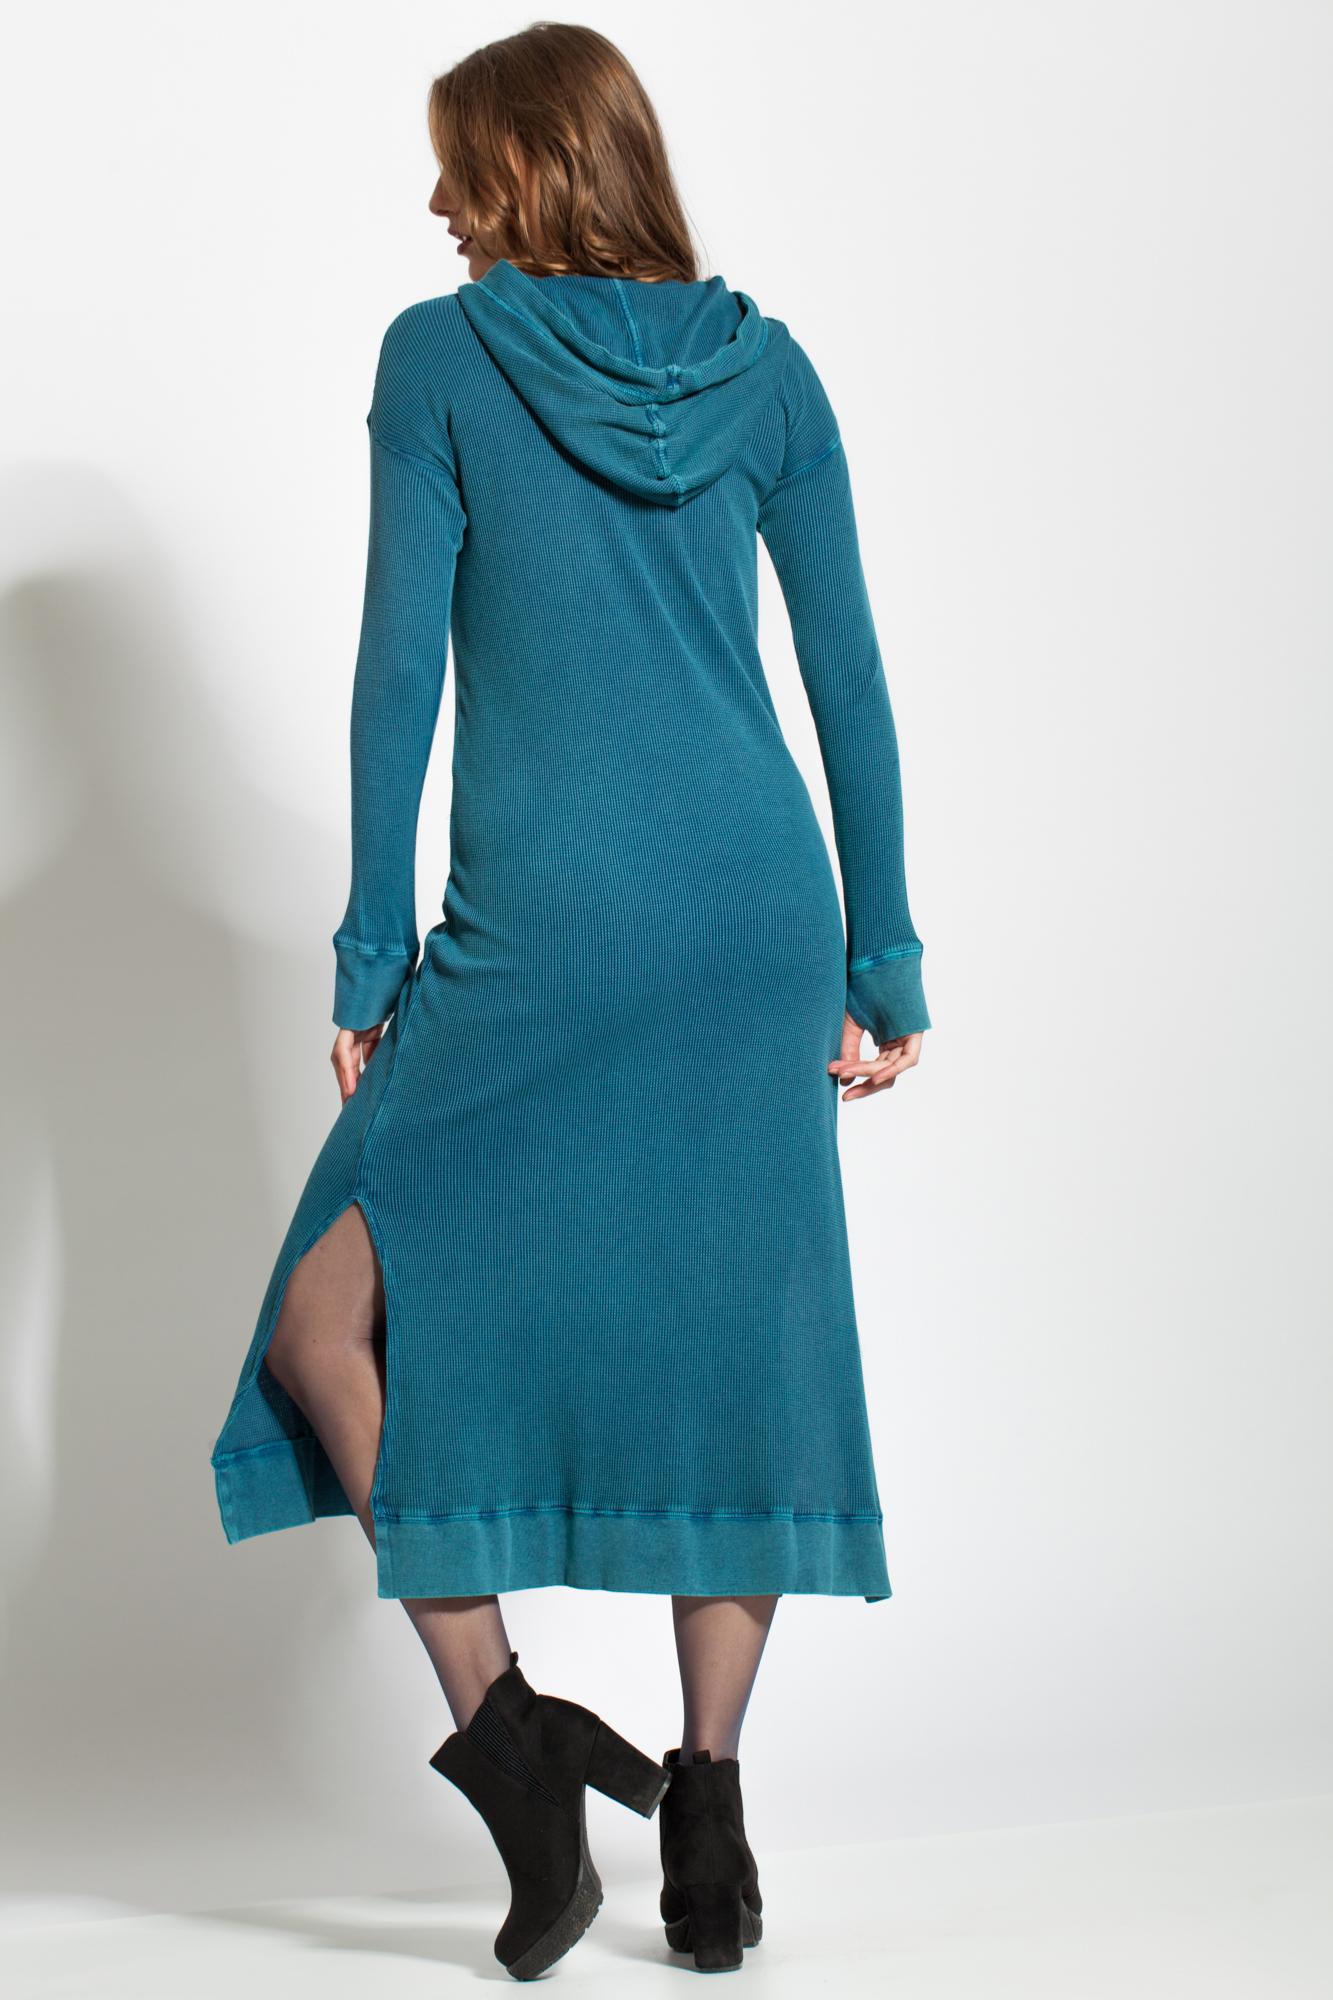 Rochie albastru mineral tricotata cu gluga si buzunare